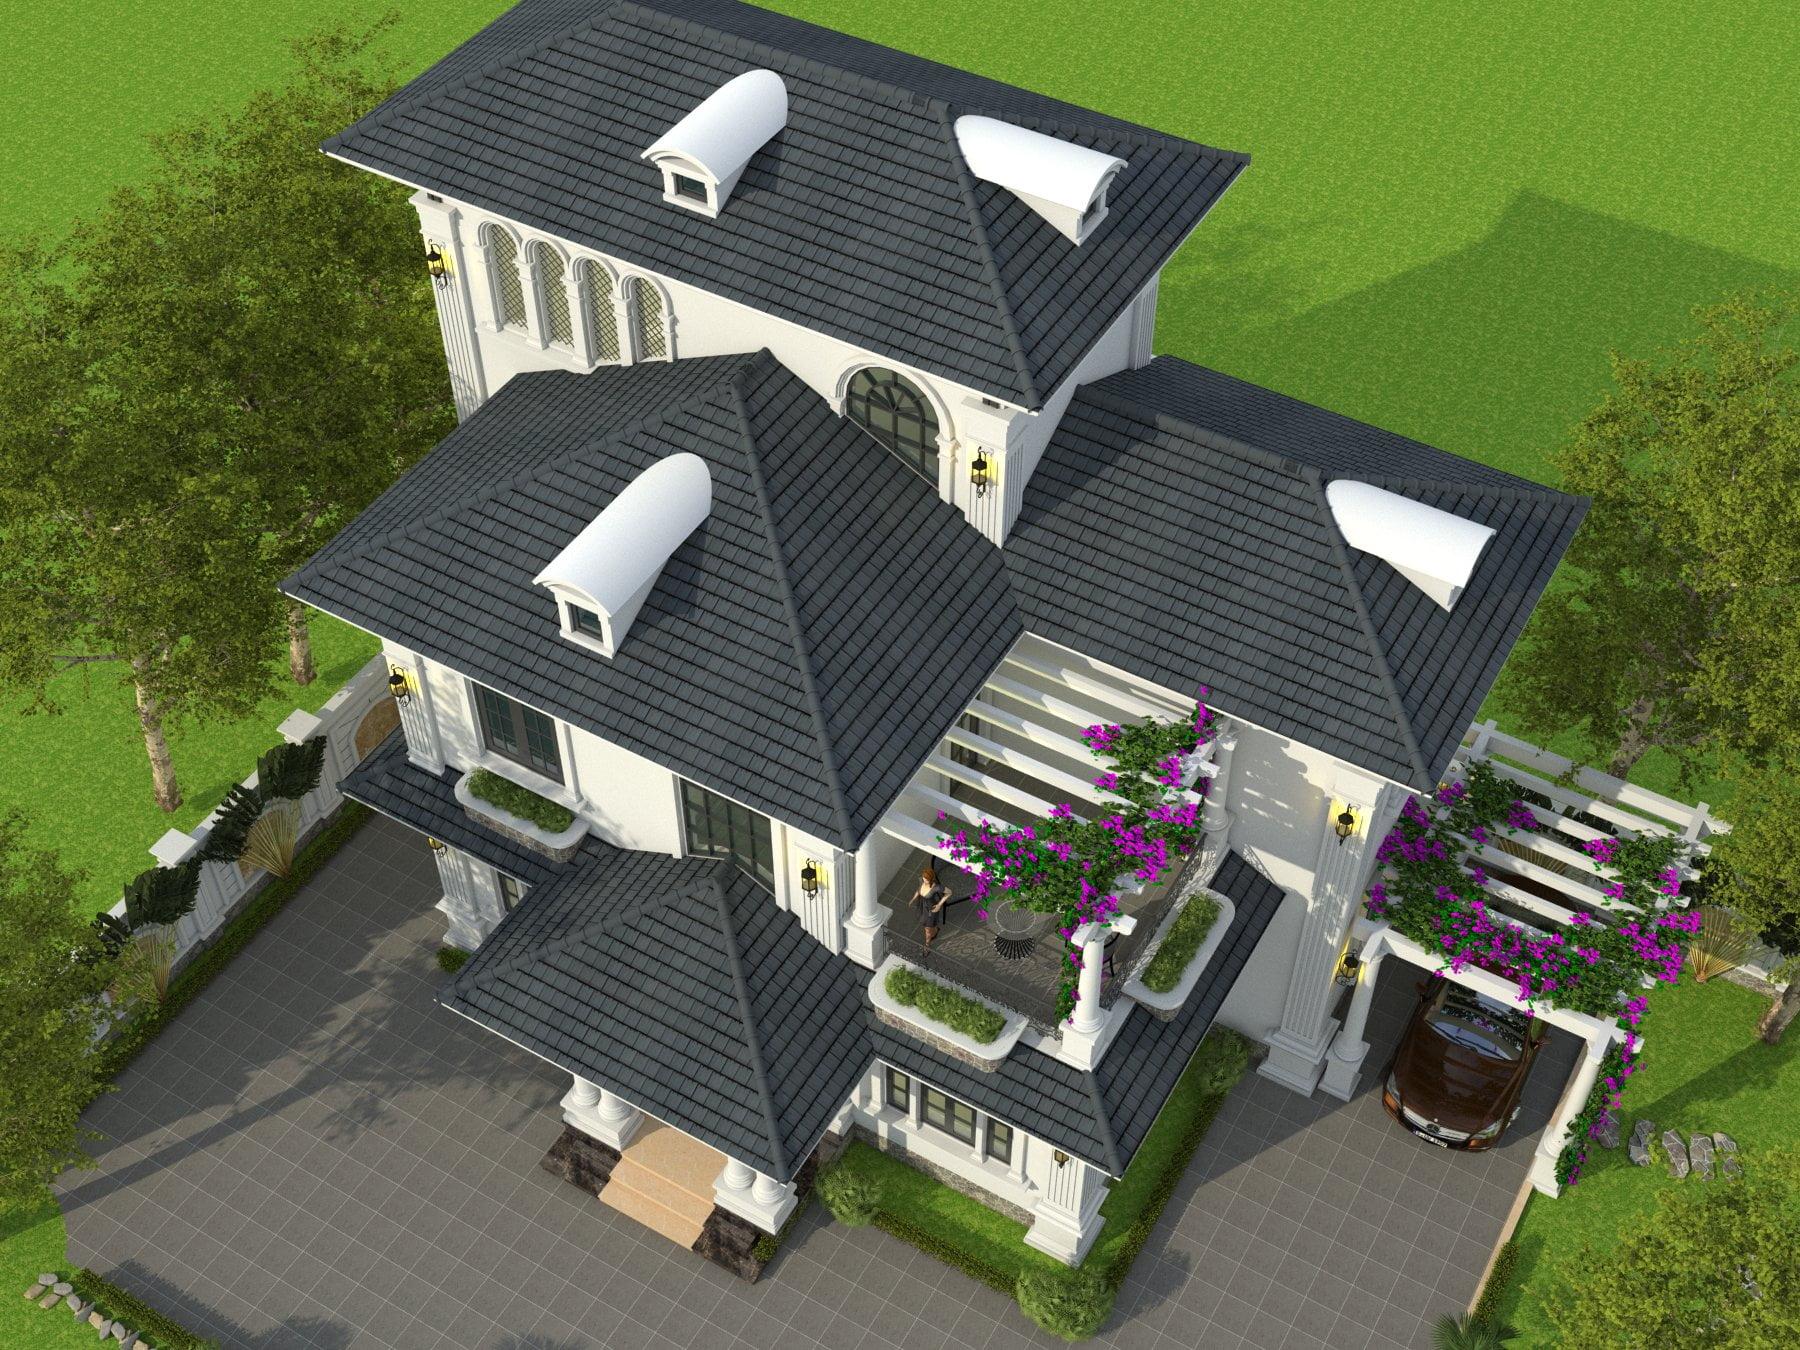 thiết kế nhà biệt thự 3 tầng mái thái đẹp 4